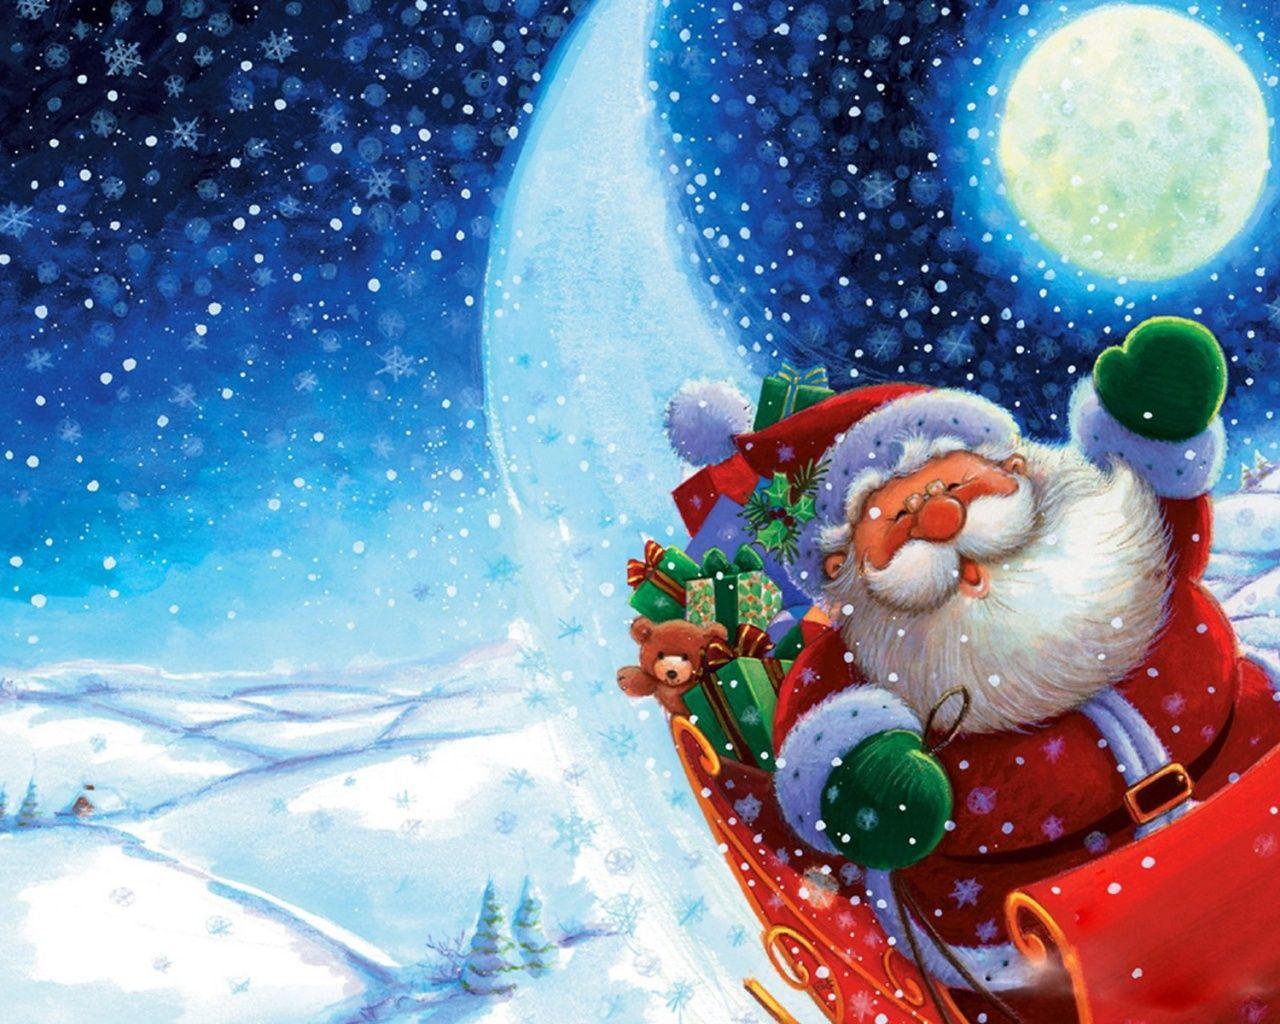 オシャレで可愛いクリスマスの壁紙 高画質な画像まとめ 写真まとめサイト Pictas